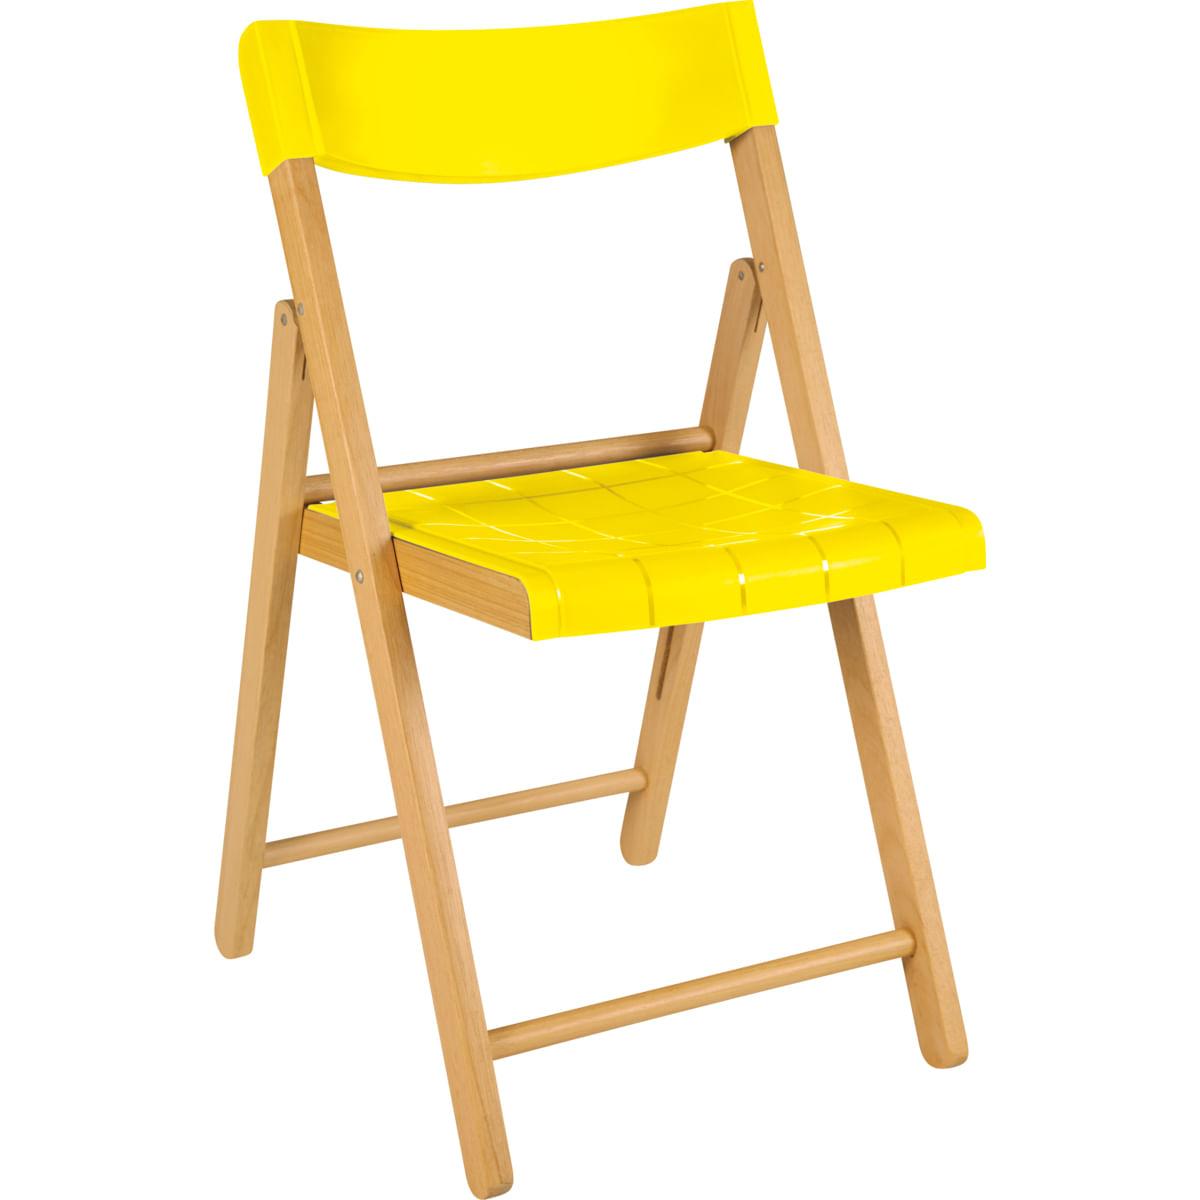 Cadeira Dobrável Tramontina em Madeira Tauarí Envernizada e Polipropileno Amarelo